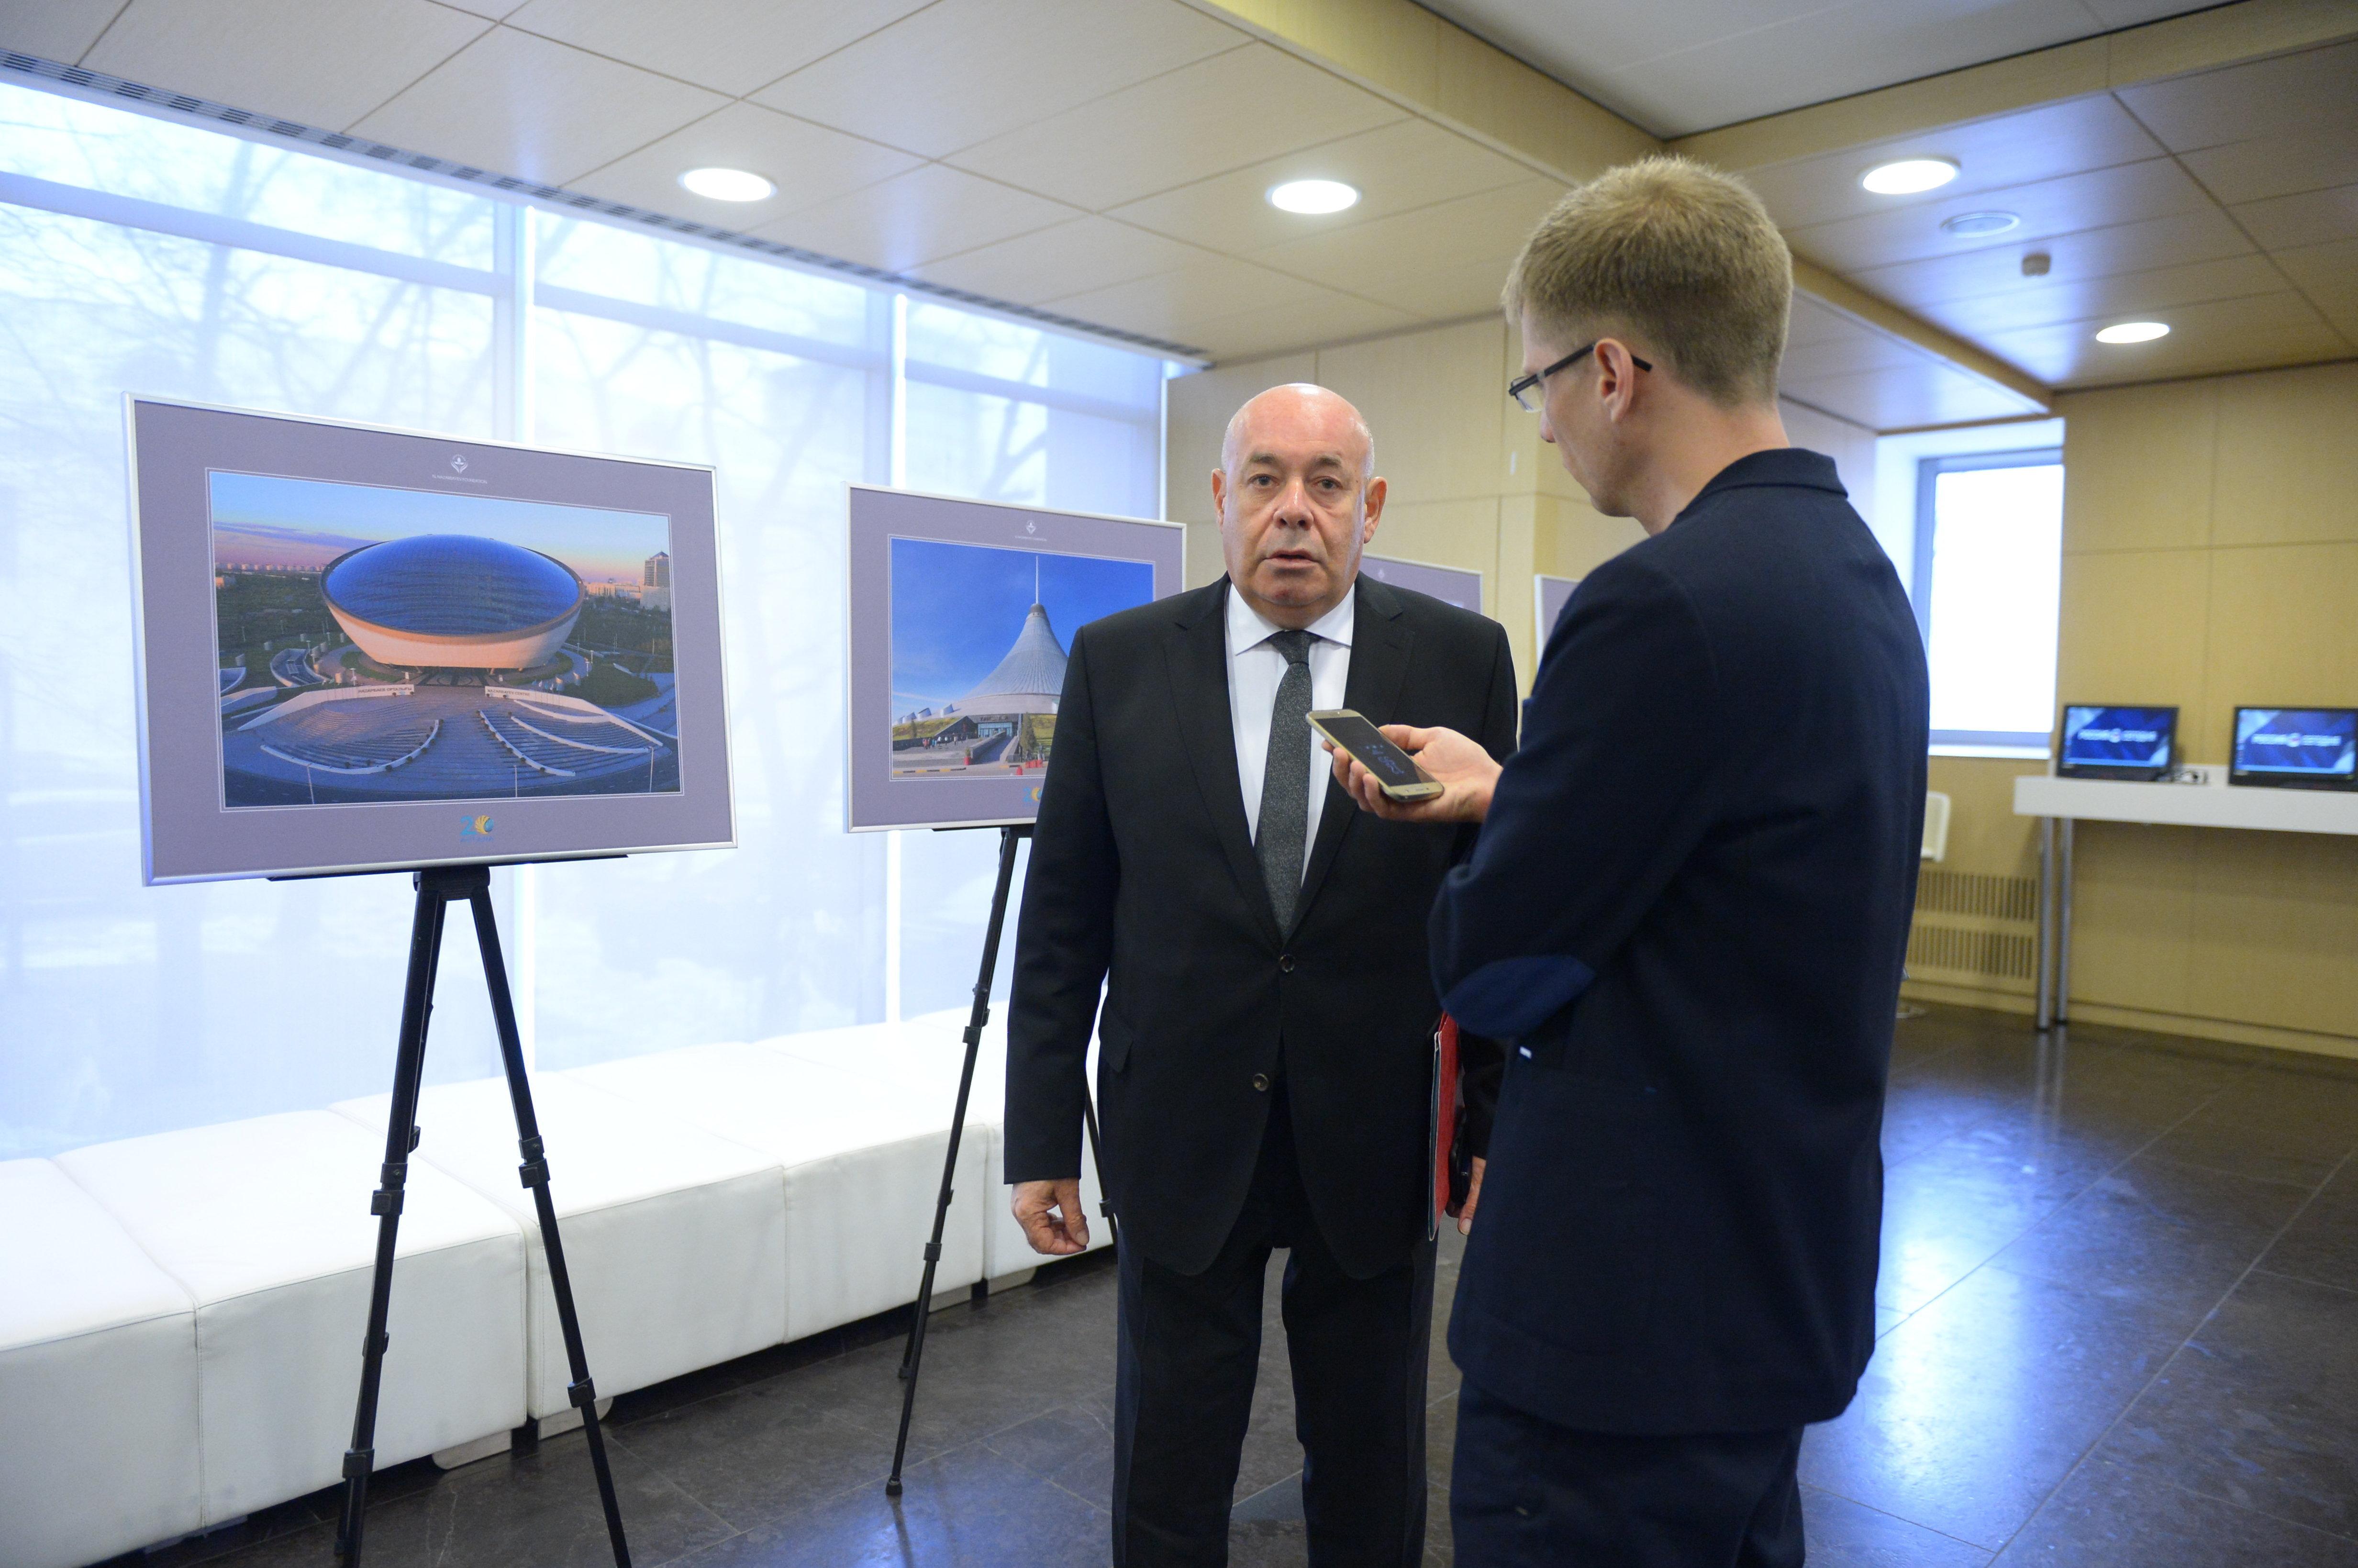 Представитель президента Российской Федерации по международному культурному сотрудничеству Михаил Швыдкой